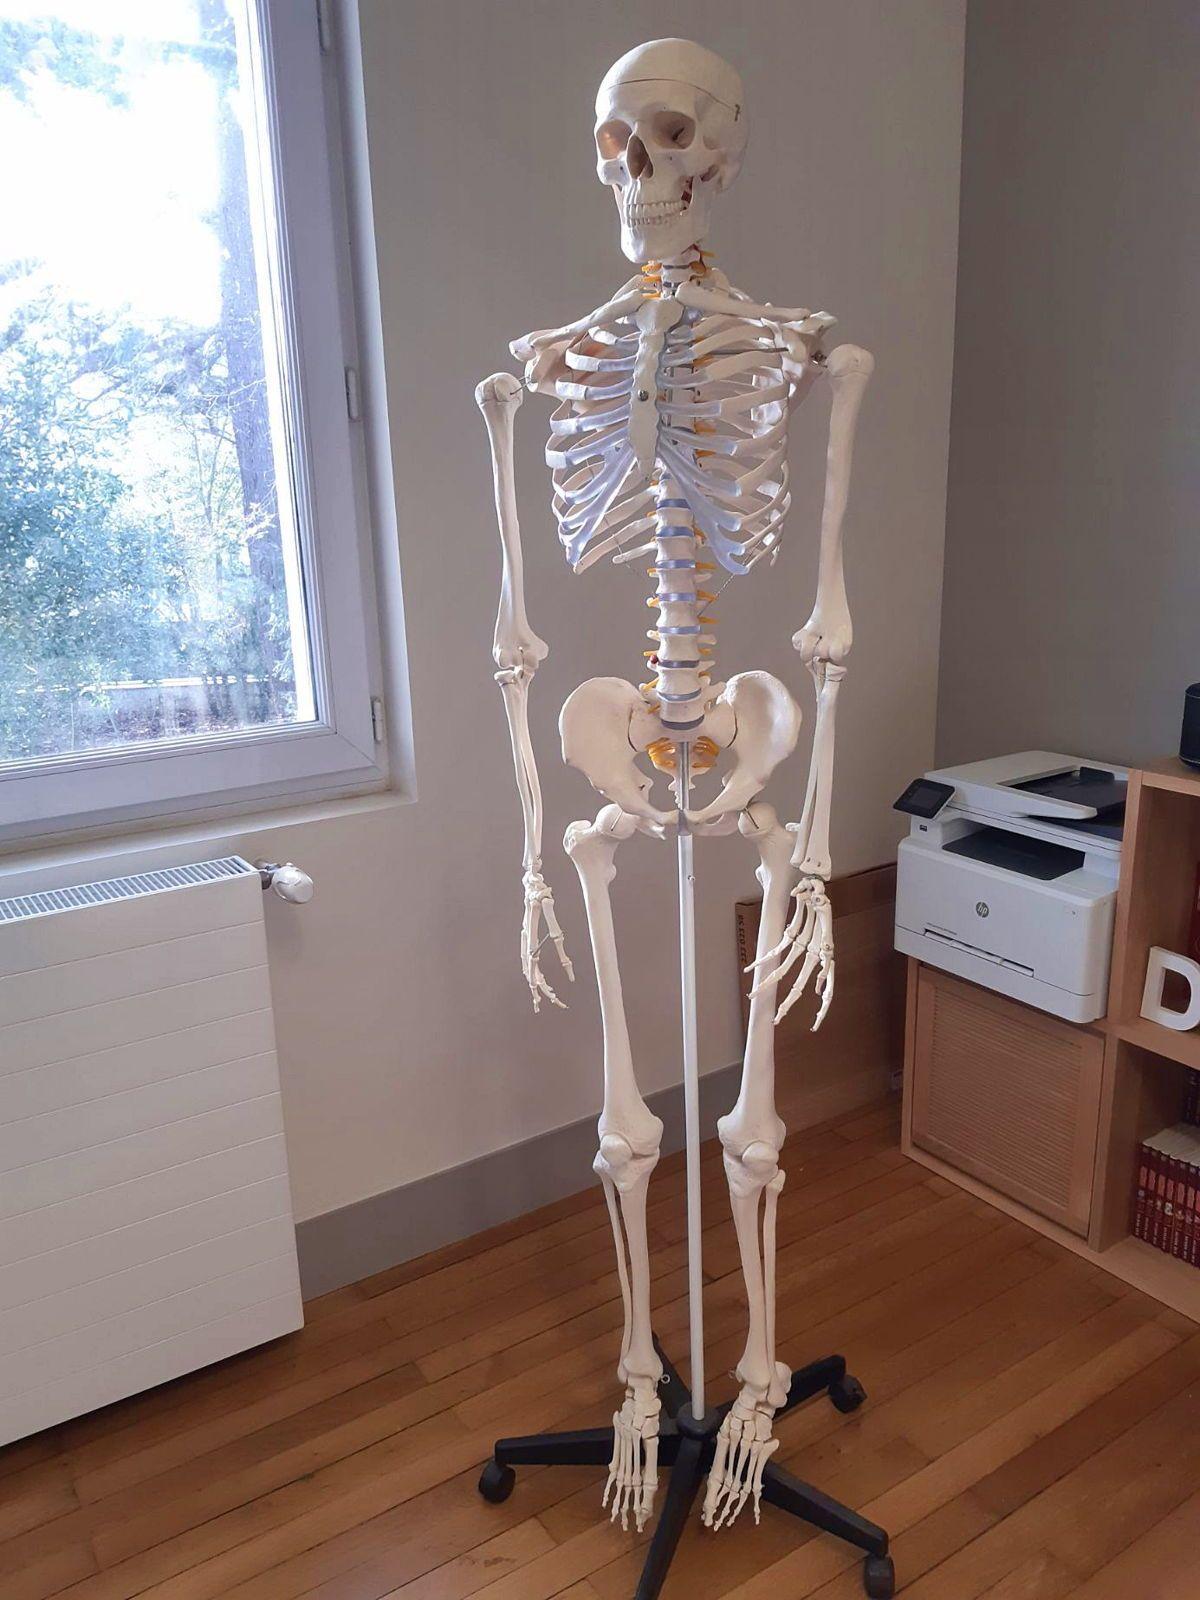 Squelette modèle anatomique